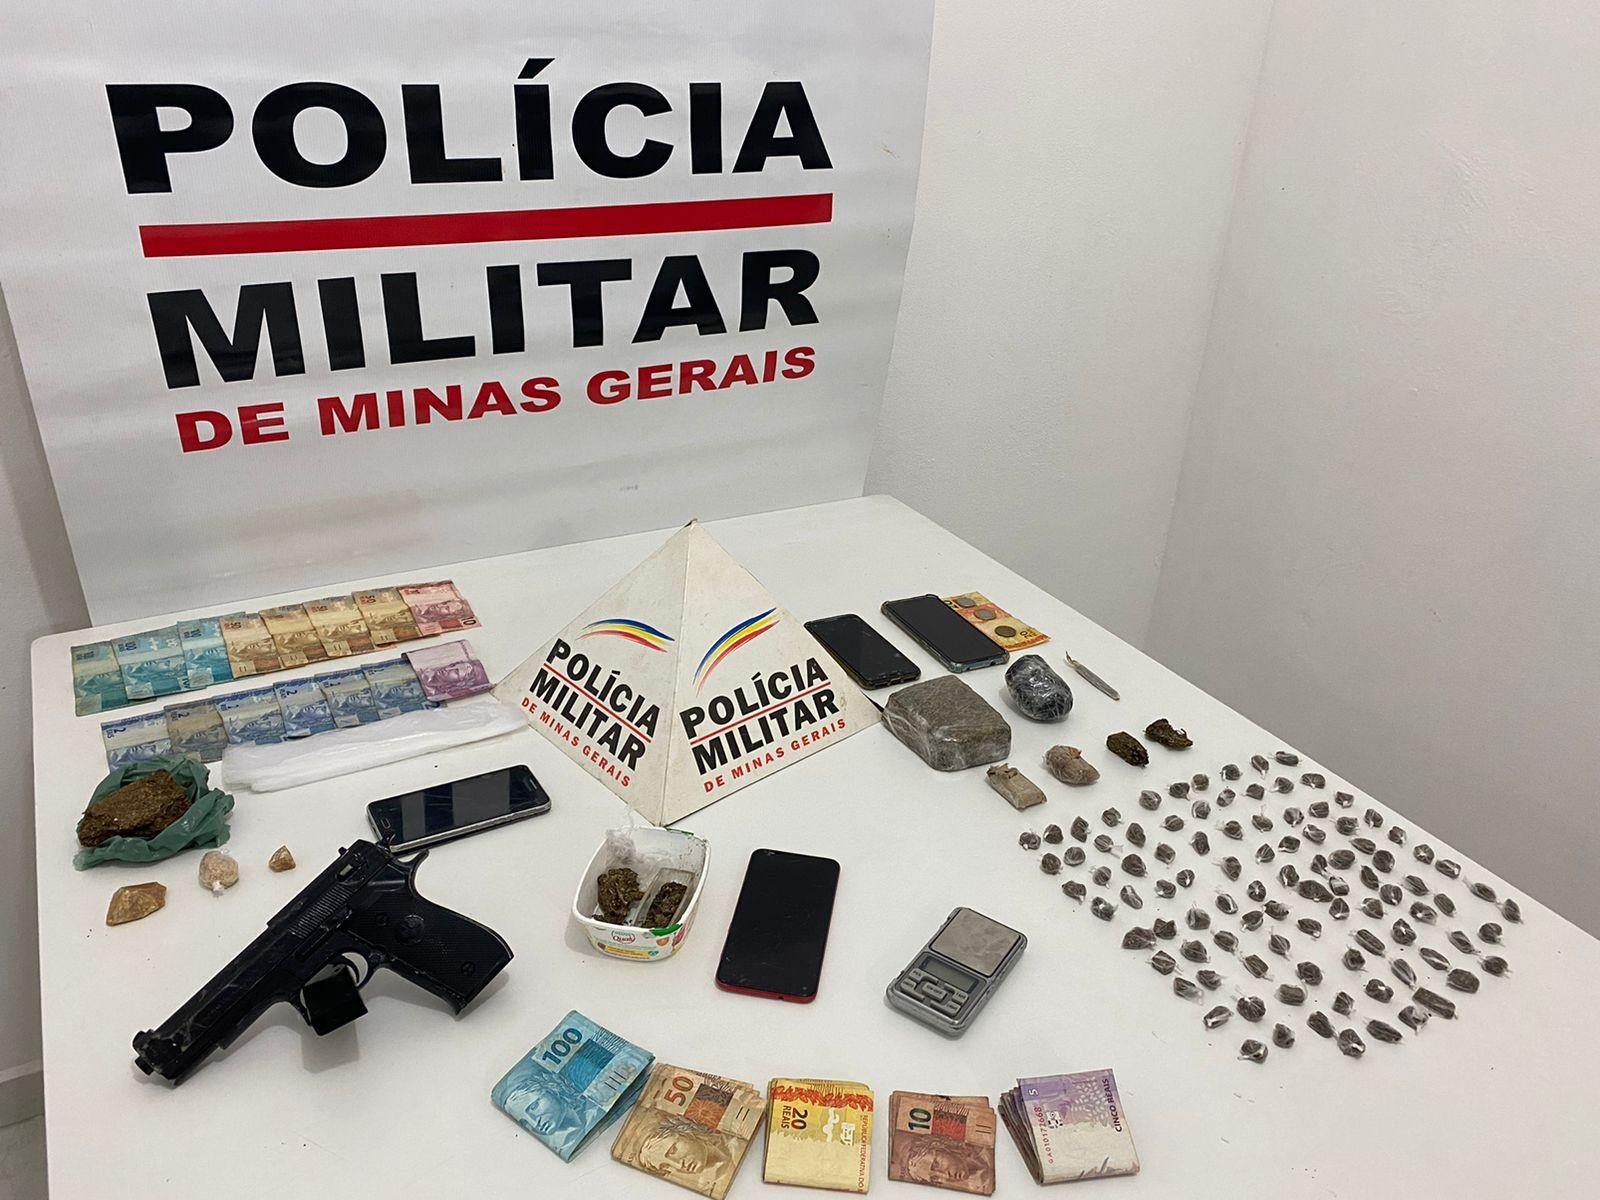 Grupo é preso com drogas, arma e dinheiro durante a  operação policial em São João Nepomuceno, Bicas e Descoberto